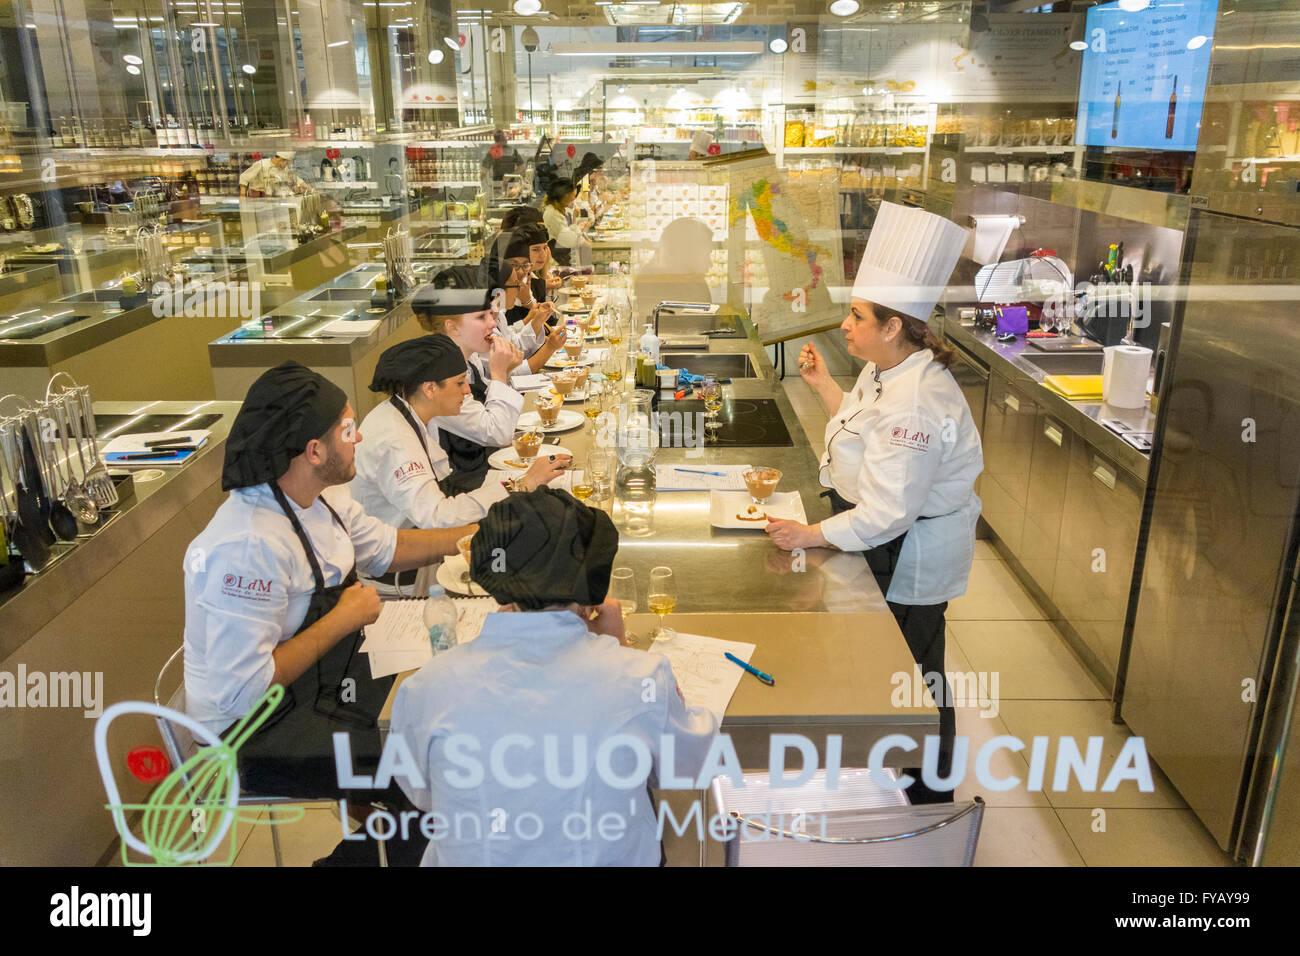 Firenze Italia. Classe di Cucina La Scuola di Cucina della Scuola Lorenzo de' Medici LdM. All'interno del Immagini Stock